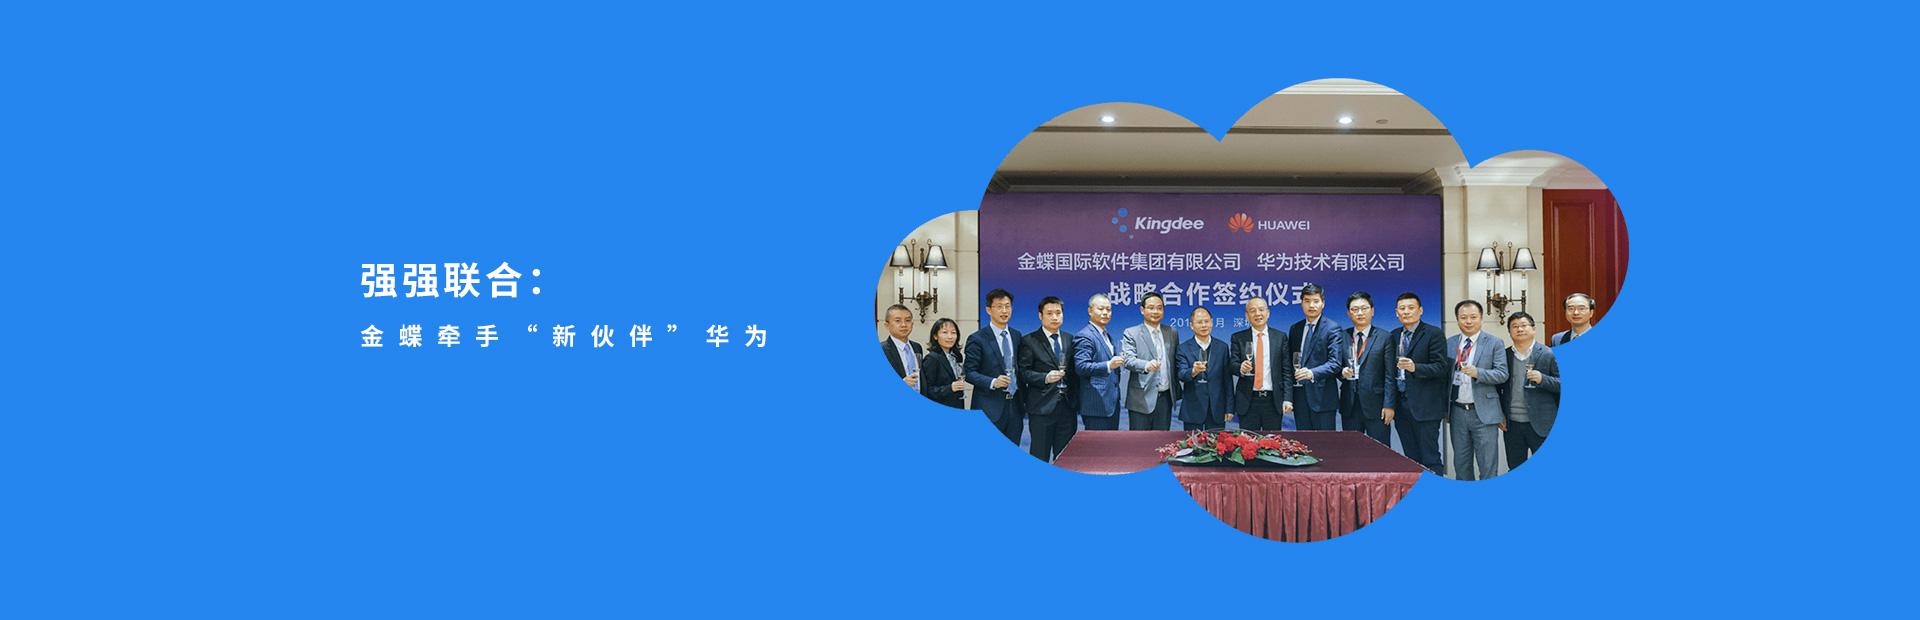 惠州市盛蝶科技有限公司